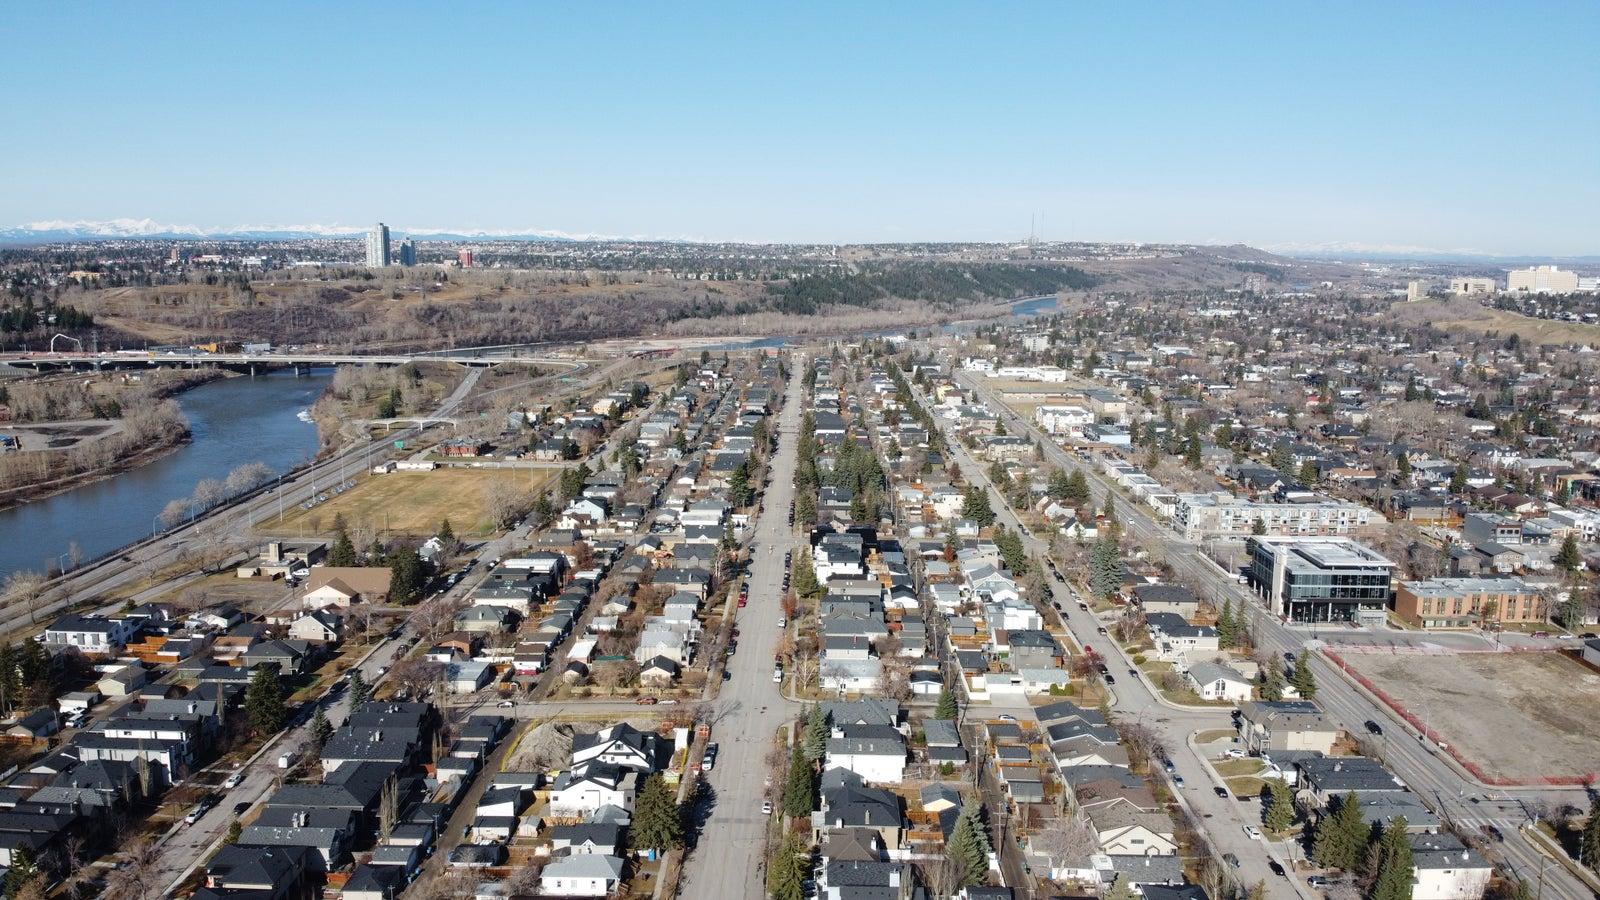 Hillhurst Calgary, April 24, 2020